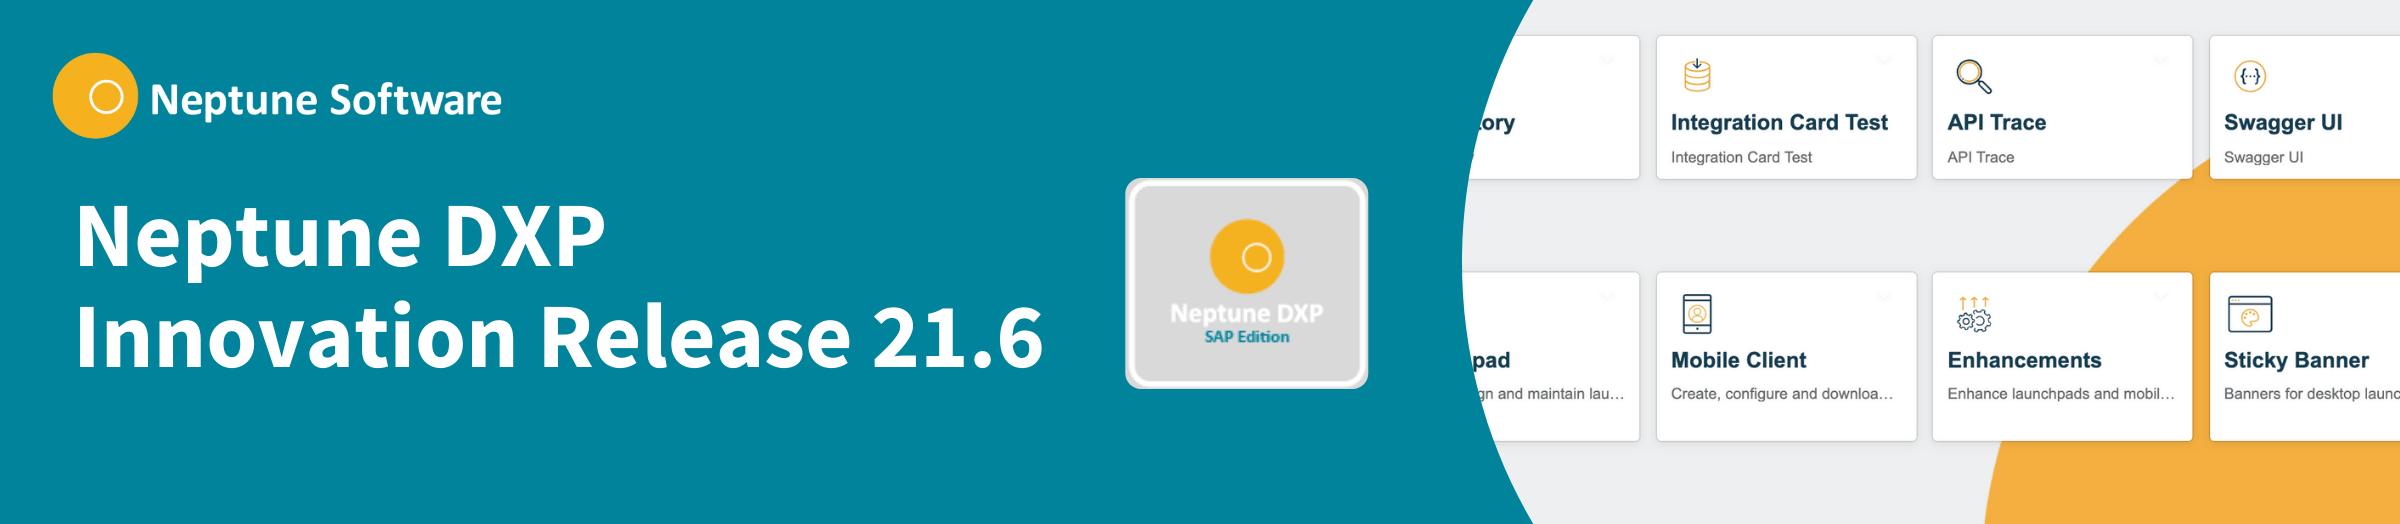 Neptune DXP SAP Edition